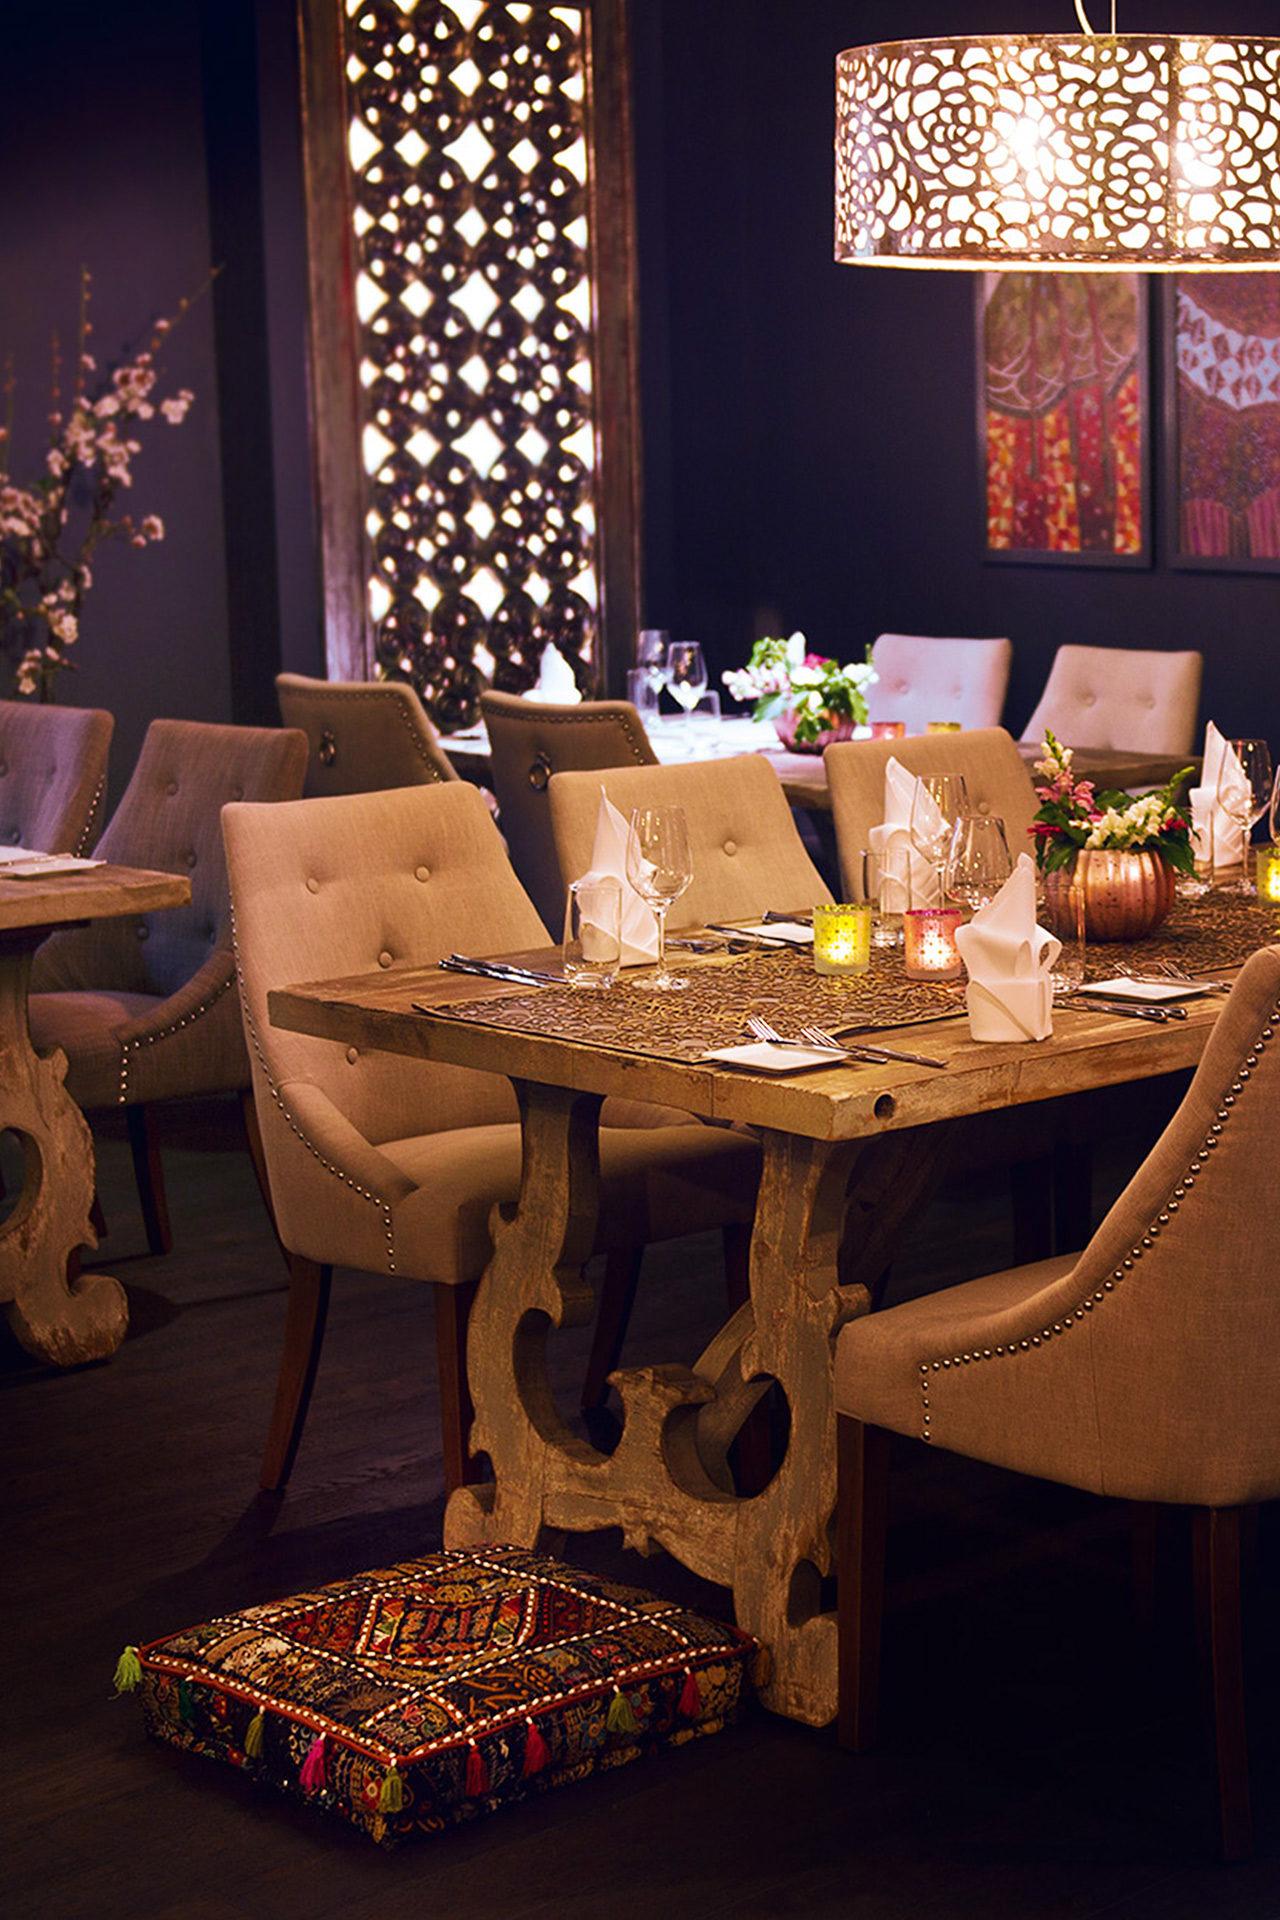 Restaurant Gut Evening